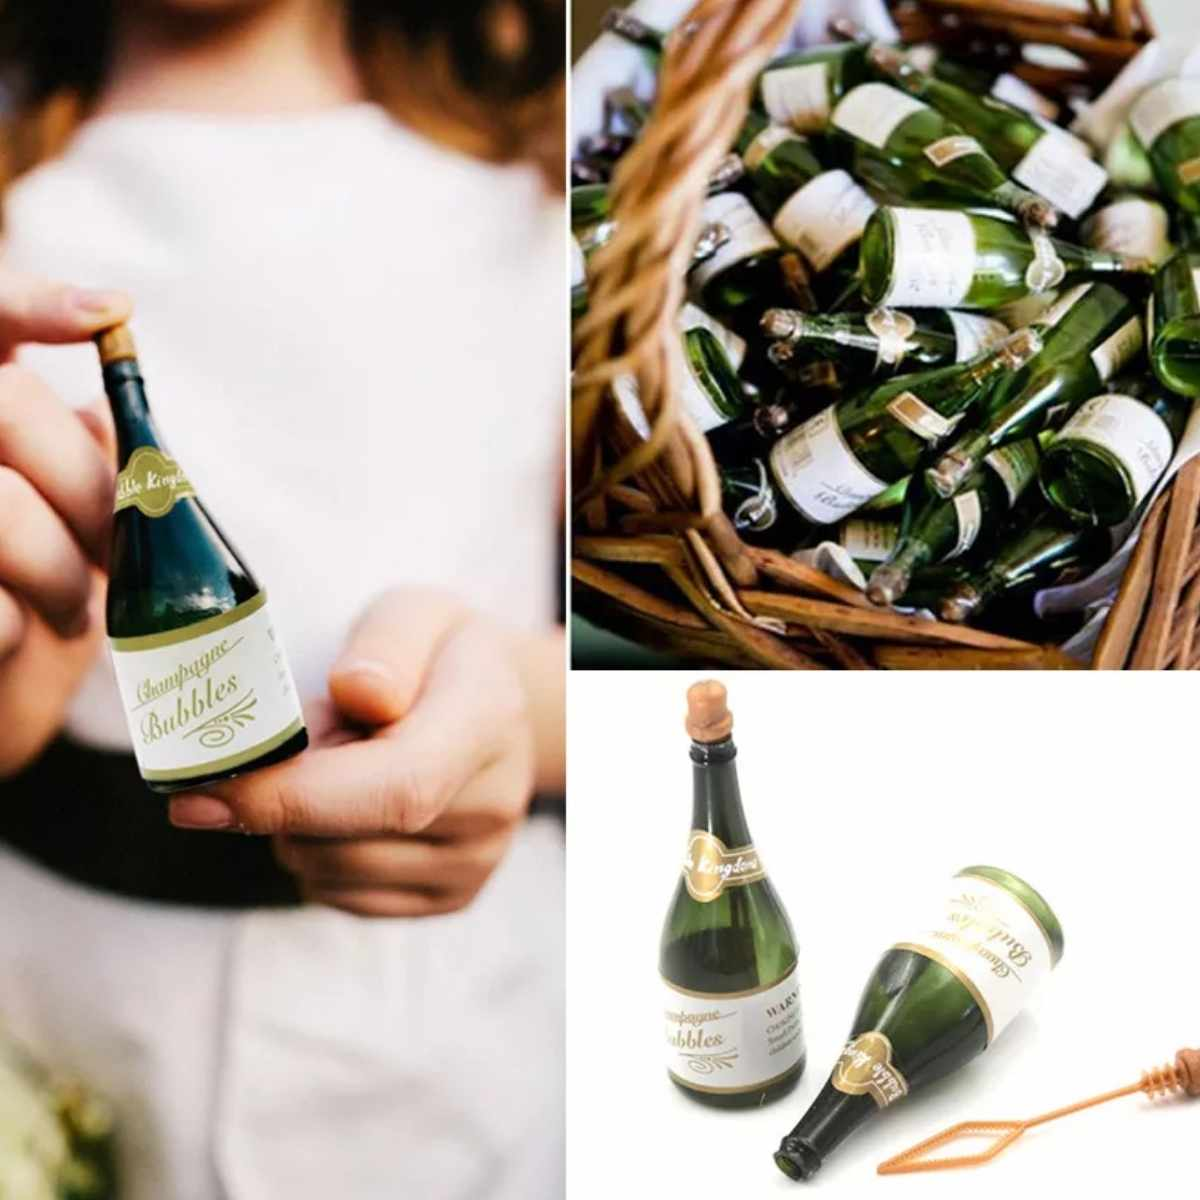 Bolha de Sabao Mini Garrafa Champagne